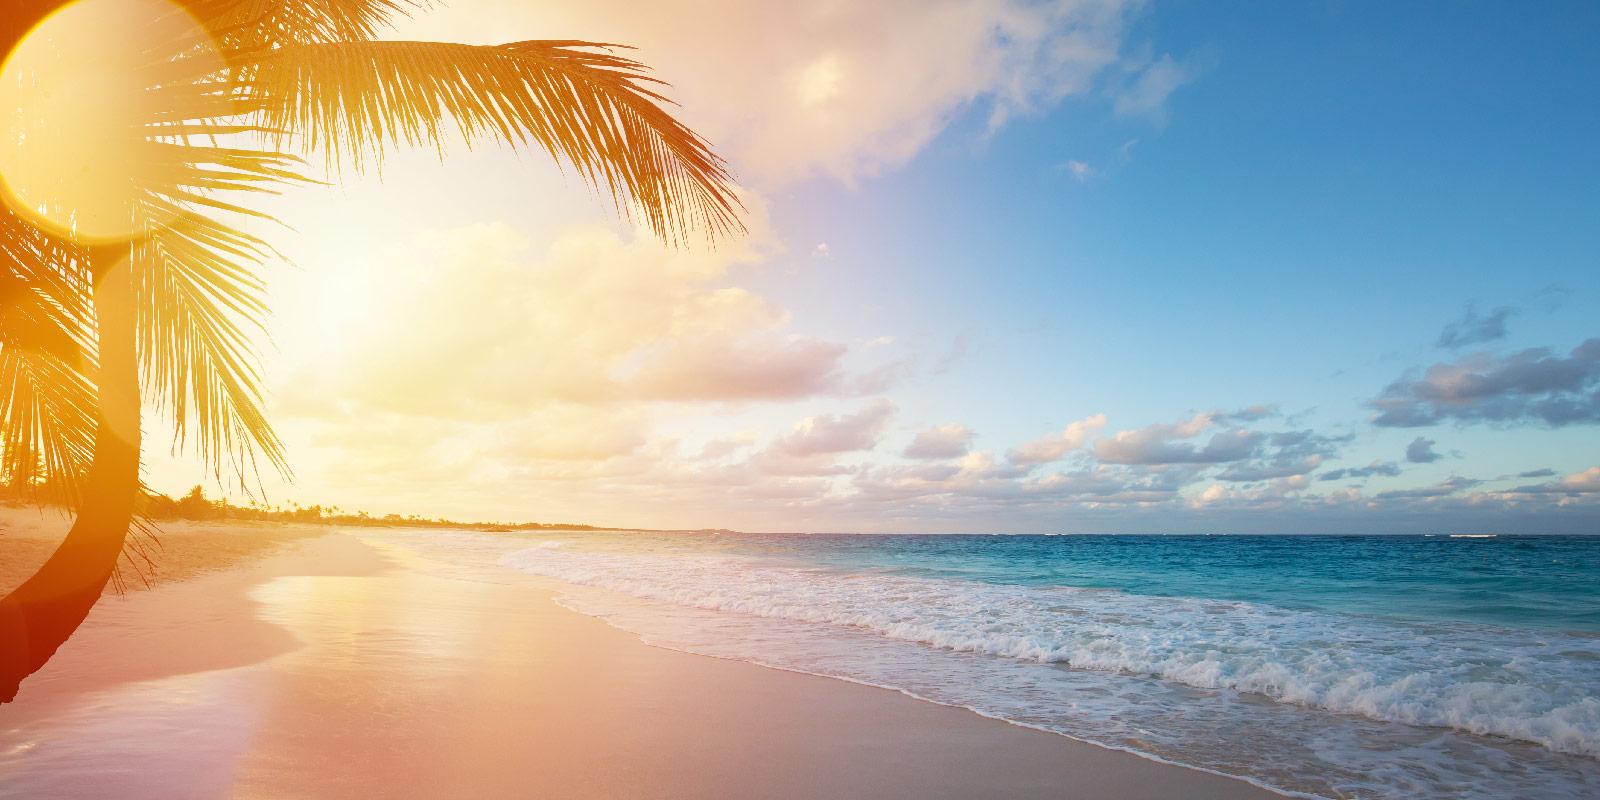 ruhiger urlaub am strand - Urlaub Beantragen Muster